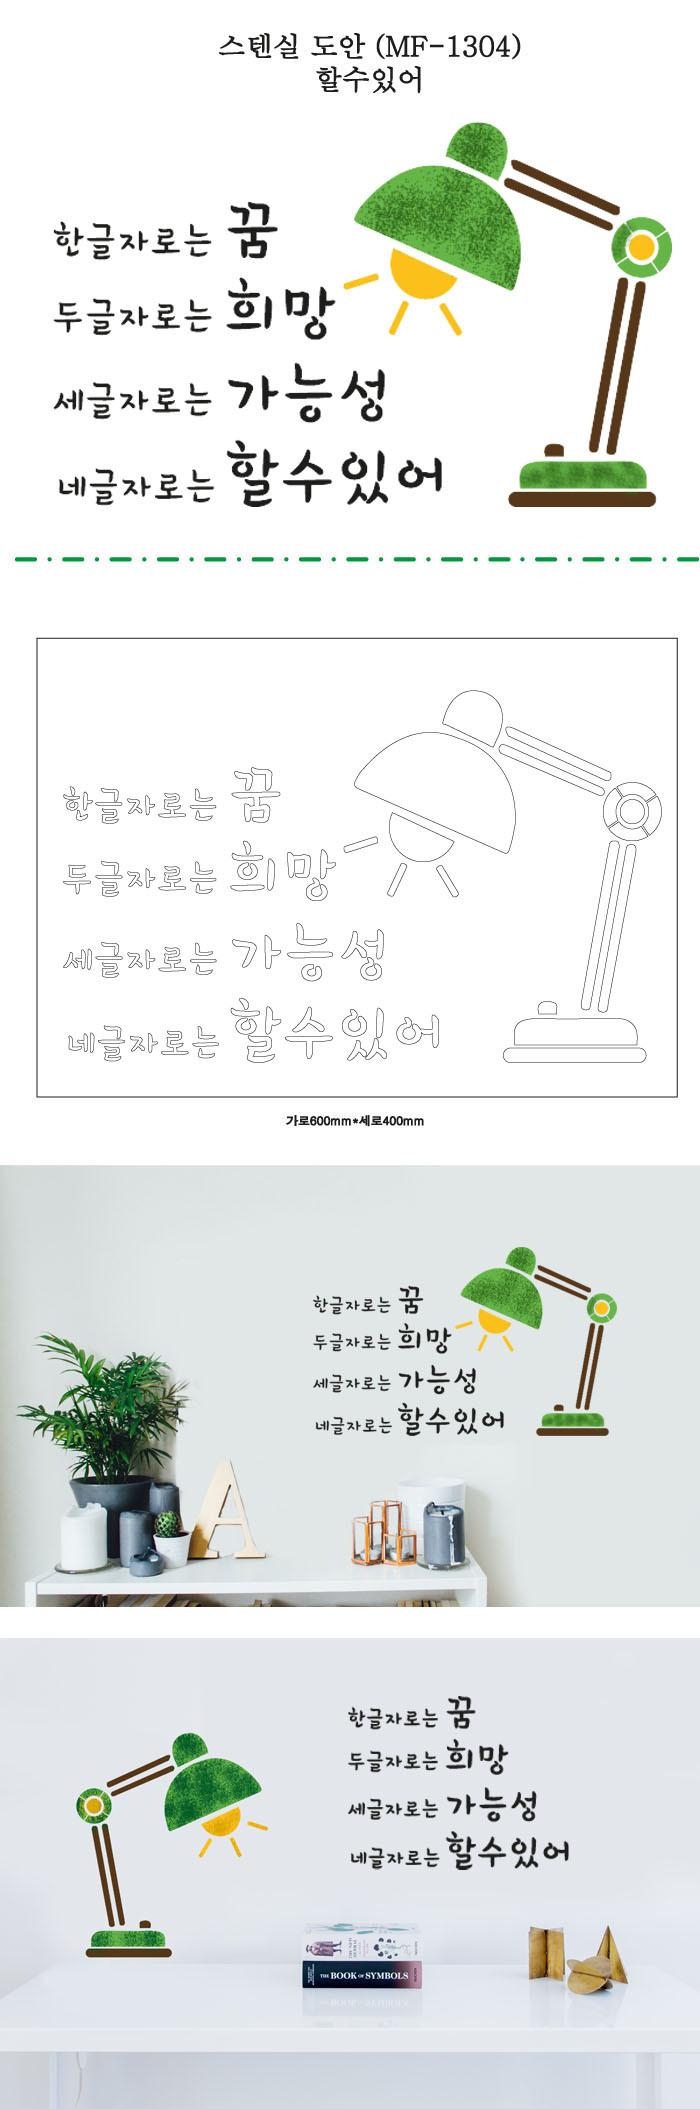 스텐실 도안(MF-1304) 할수있어 - 대문닷컴, 15,000원, 스텐실, 스텐실도안